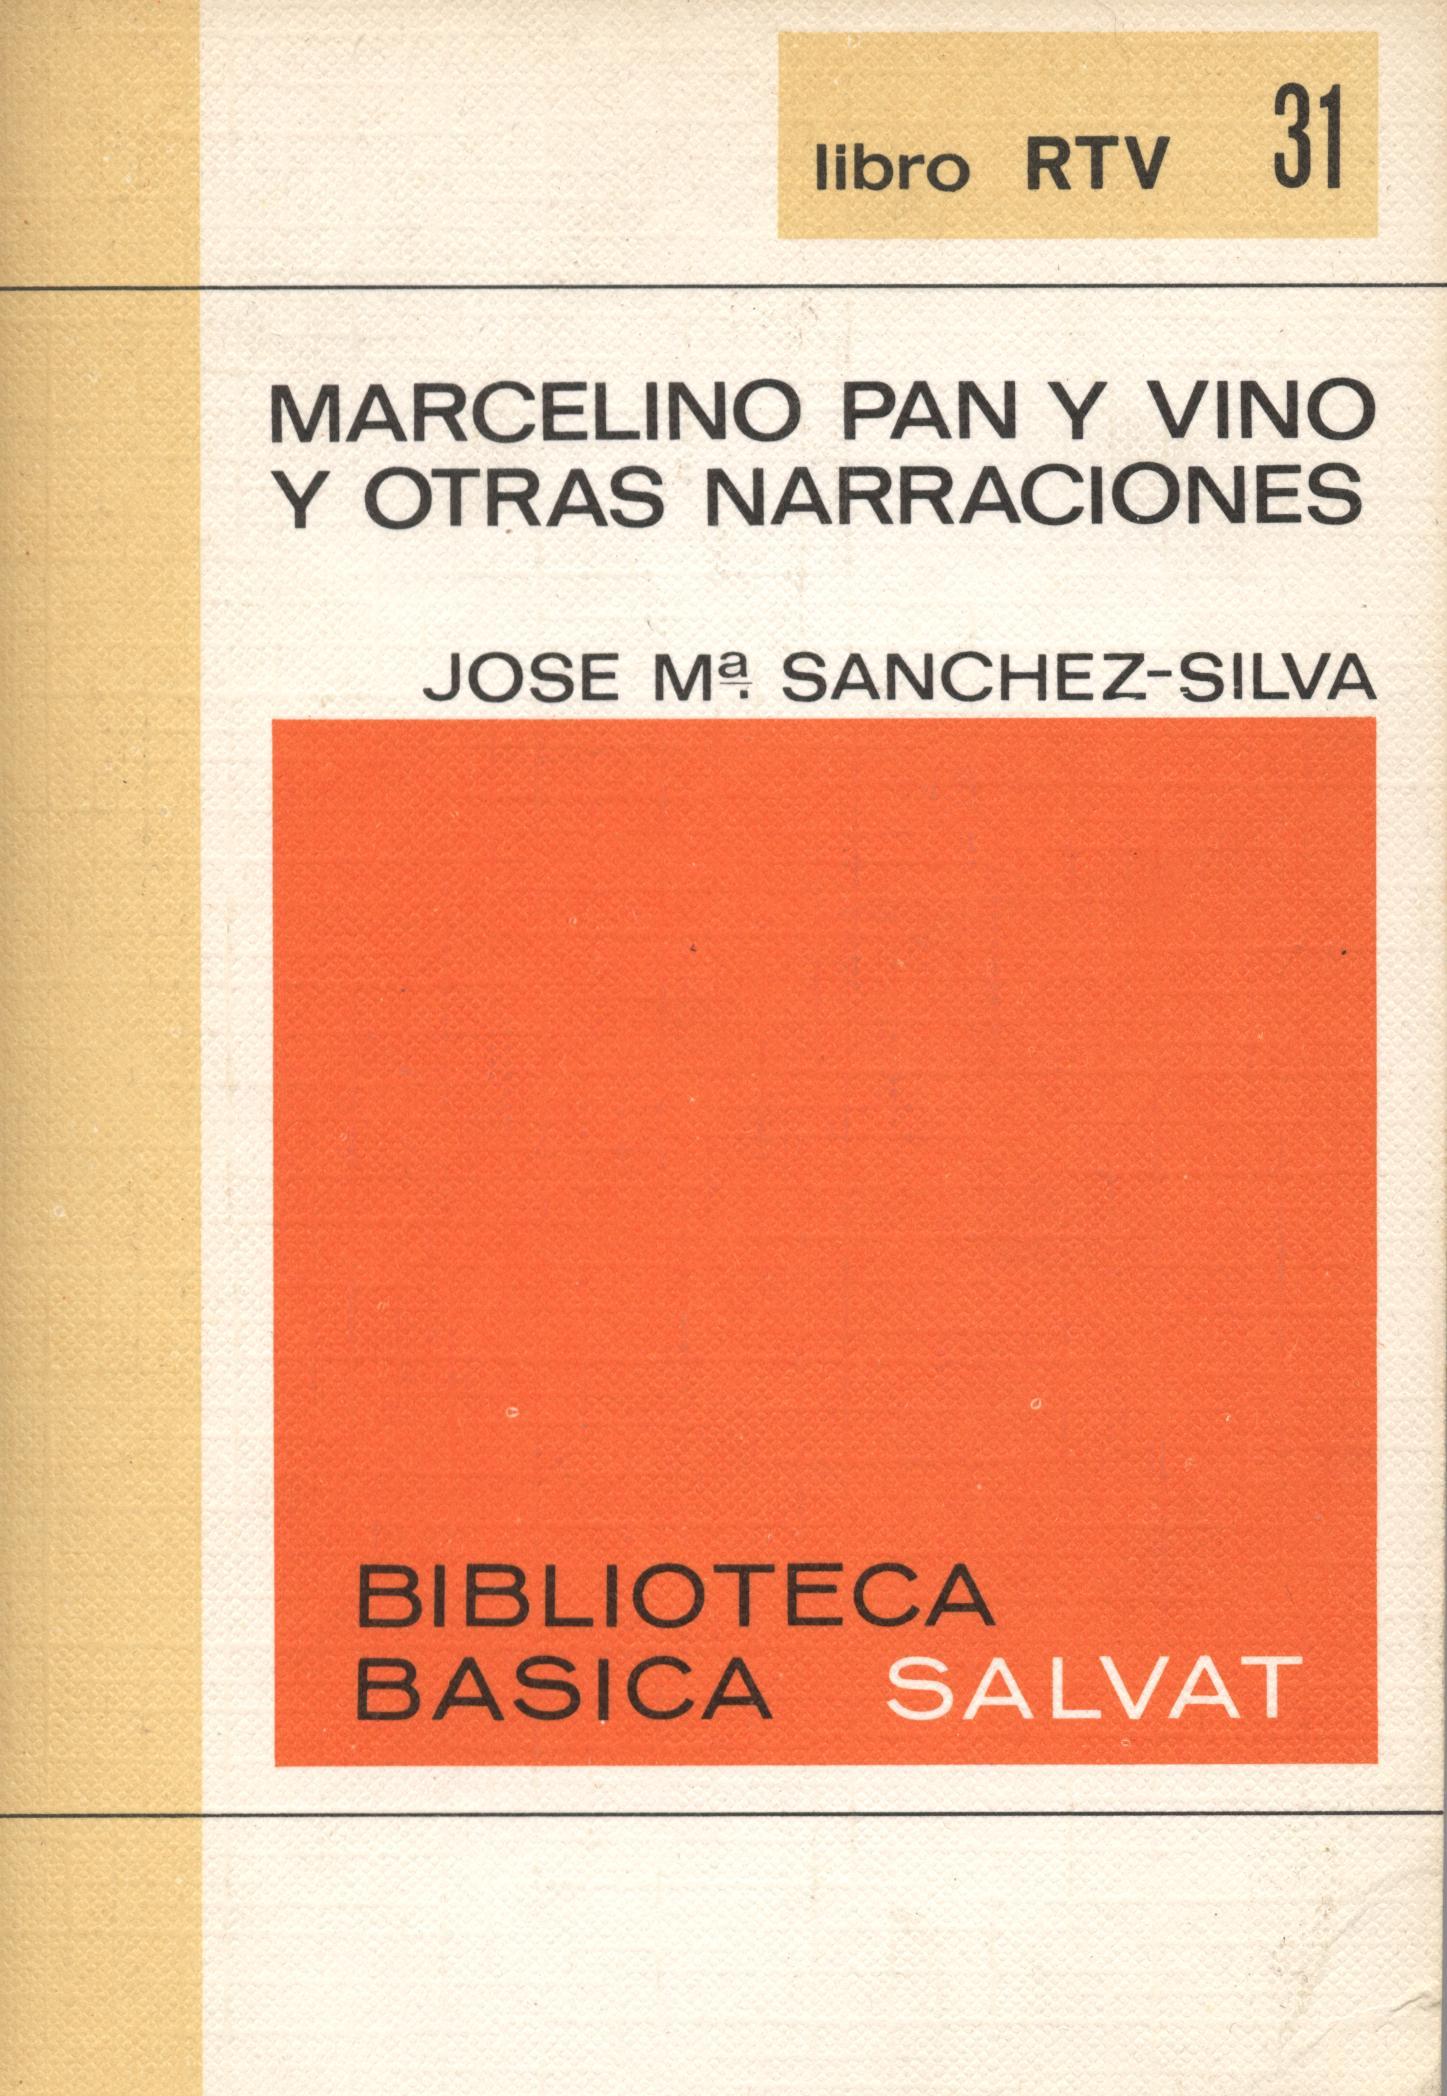 Venda online de llibres d'ocasió com Marcelino pan y vino y otras narraciones - José Ma. Sanchez-Silva a bratac.cat